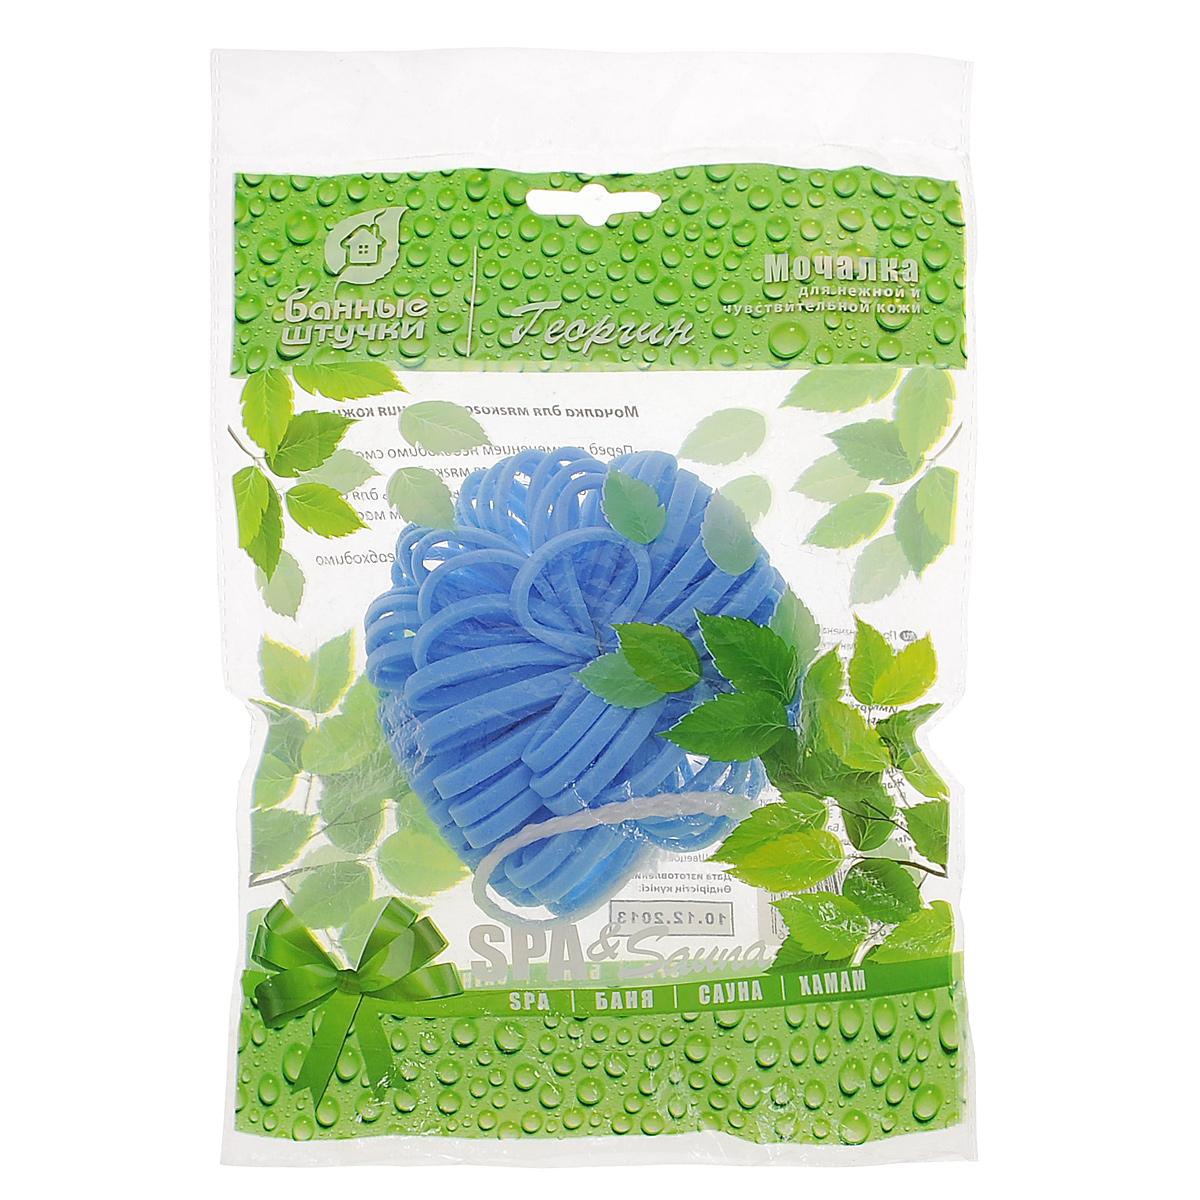 Мочалка Банные штучки Георгин для нежной и чувствительной кожи, цвет: голубой40087_голубойМочалка Банные штучки Георгин изготовлена из синтетического полимера в виде цветка георгина. Она подходит для нежной и чувствительной кожи. Прекрасно взбивает мыло и гель для душа, дает обильную пену, обладает легким массажным воздействием. На мочалке имеется удобная петля для подвешивания. Перед применением мочалку необходимо смочить водой, и она станет мягкой. Мочалка Георгин станет незаменимым аксессуаром в ванной комнате.